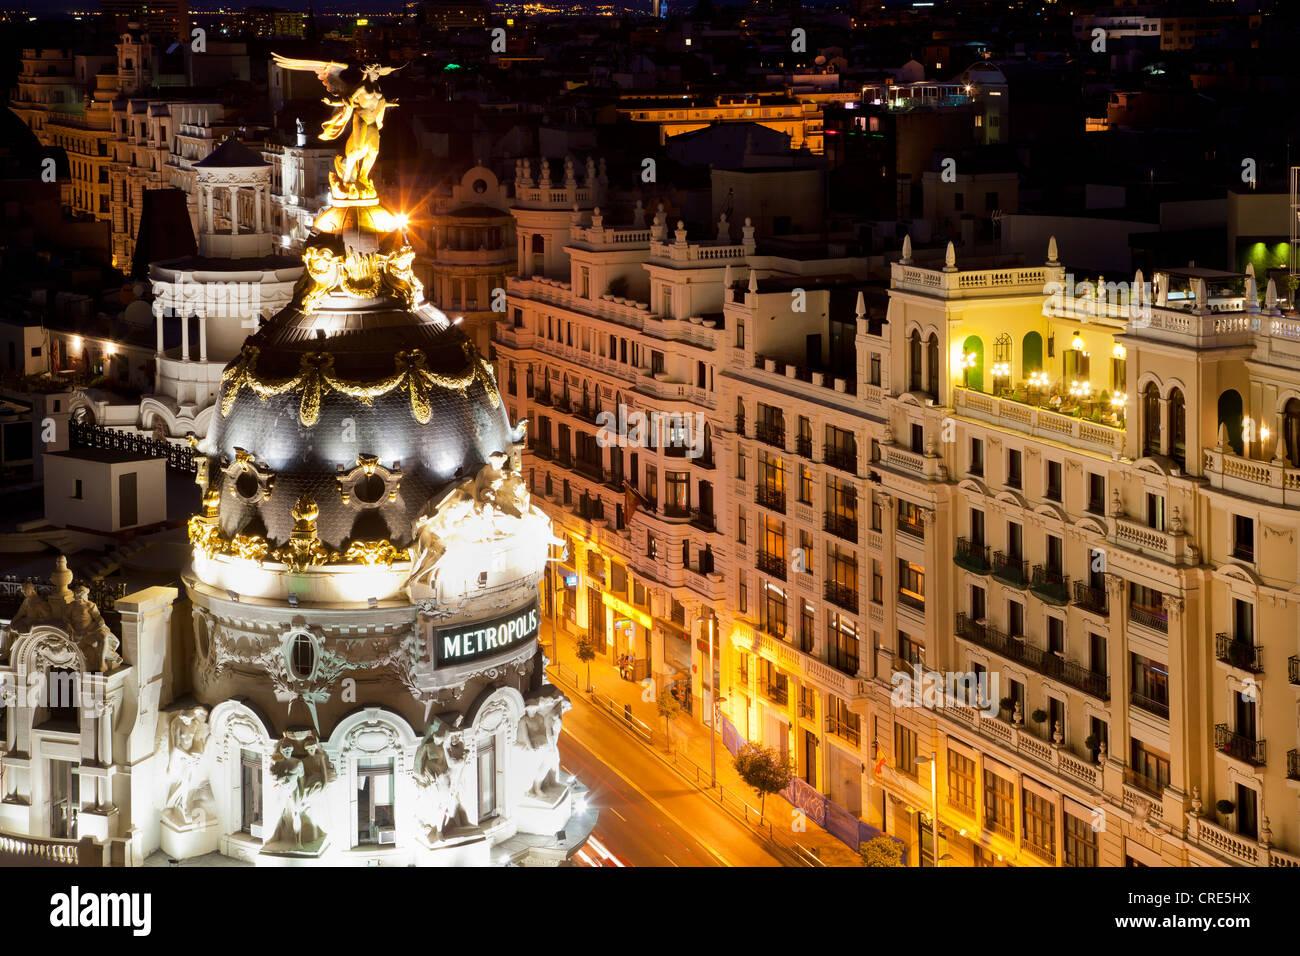 Edificio metrópolis edificio Metrópolis, con vistas a la Gran Vía, en la noche, Madrid, España Imagen De Stock